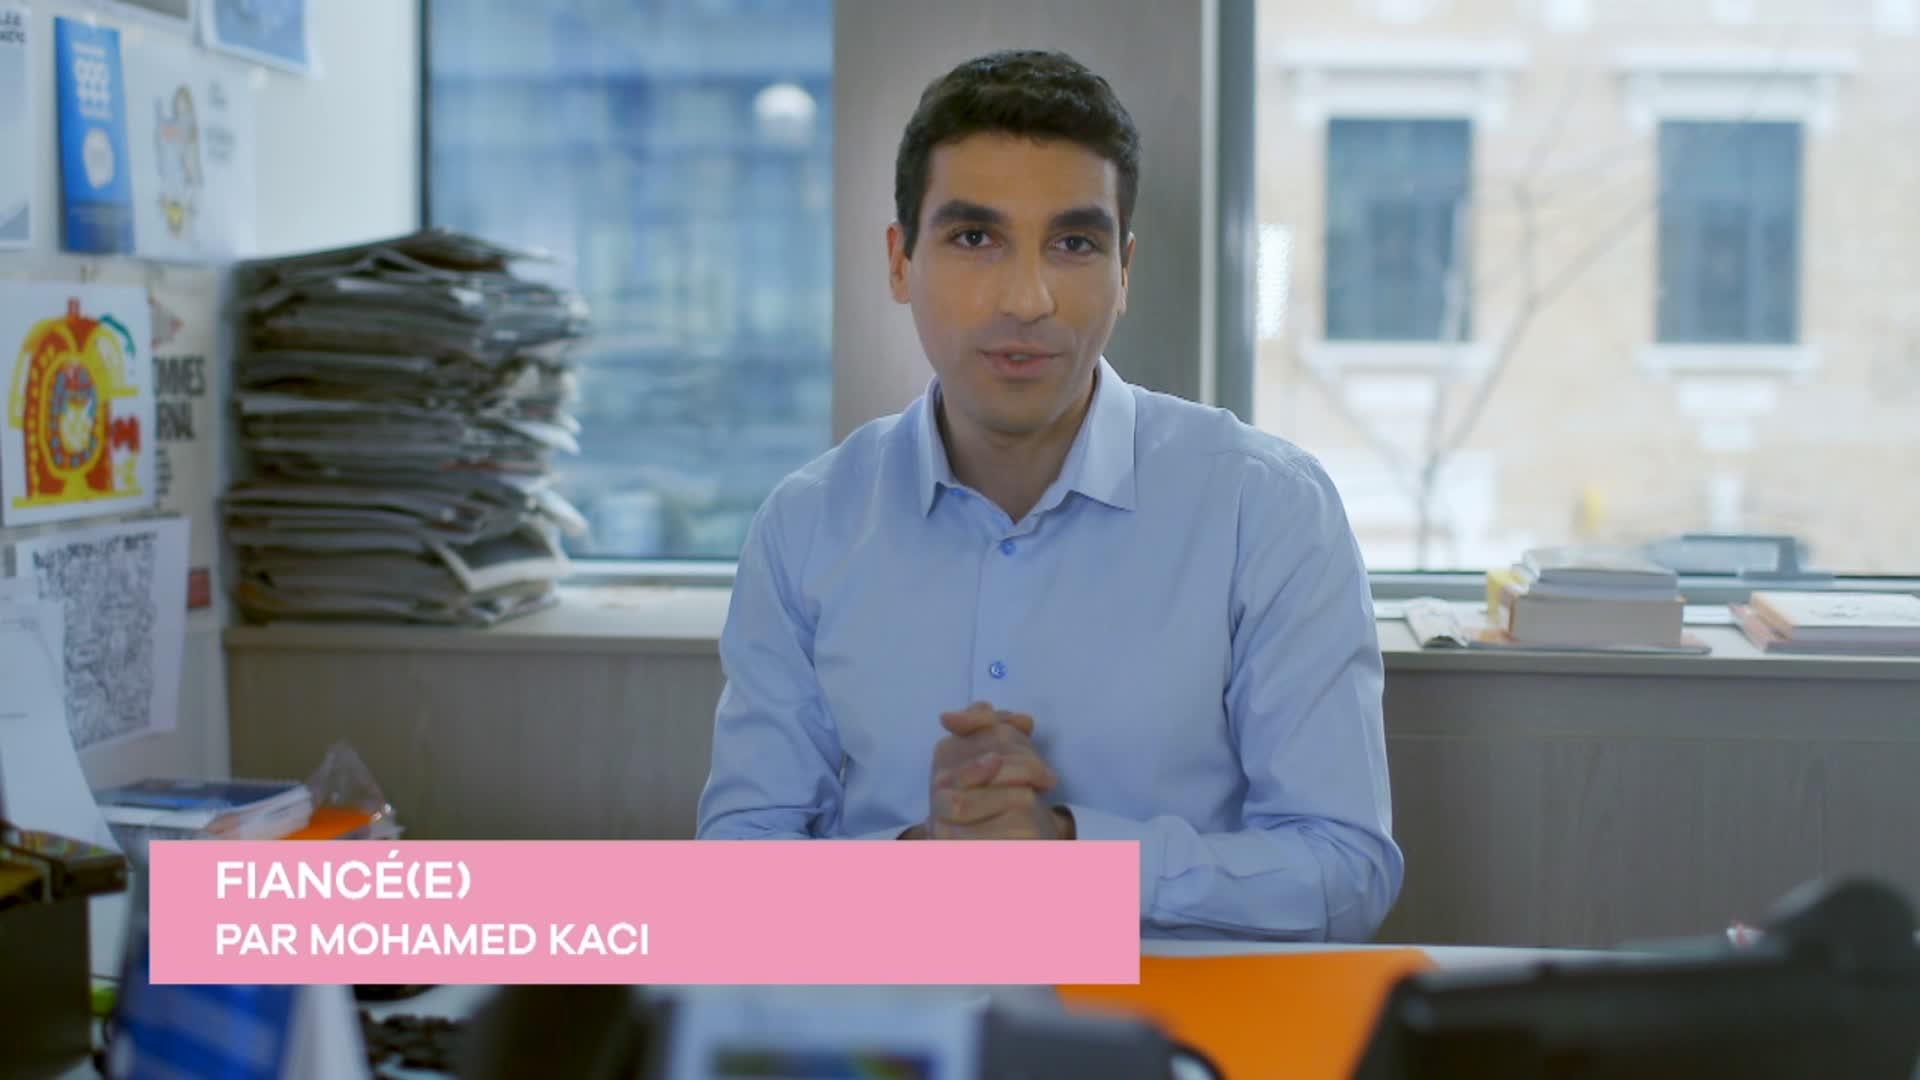 Mohamed Kaci - fiancé(e)